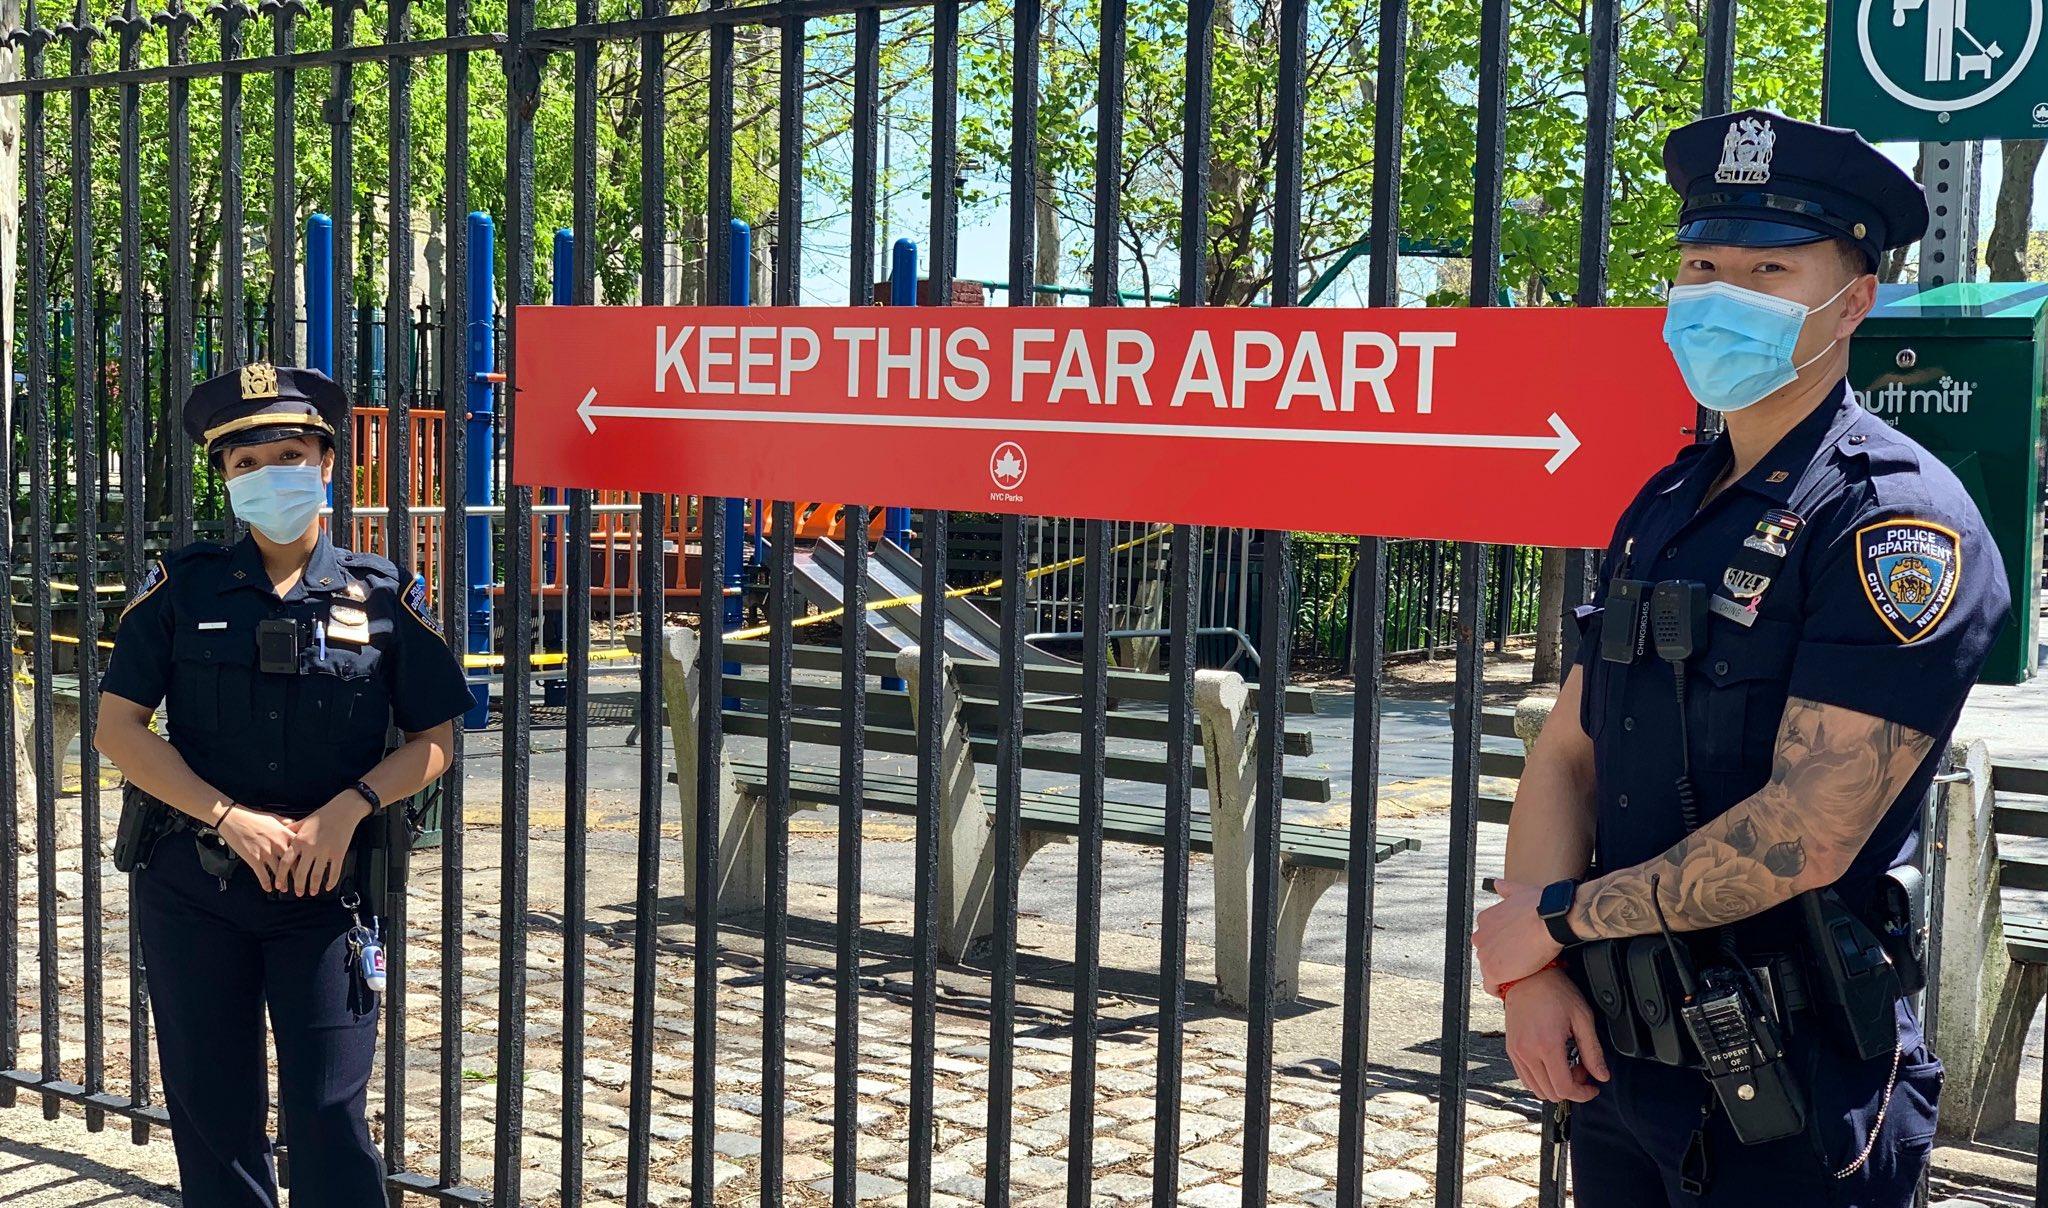 警察站在标识旁,提醒人们遵守社交距离 纽约警察局推特图